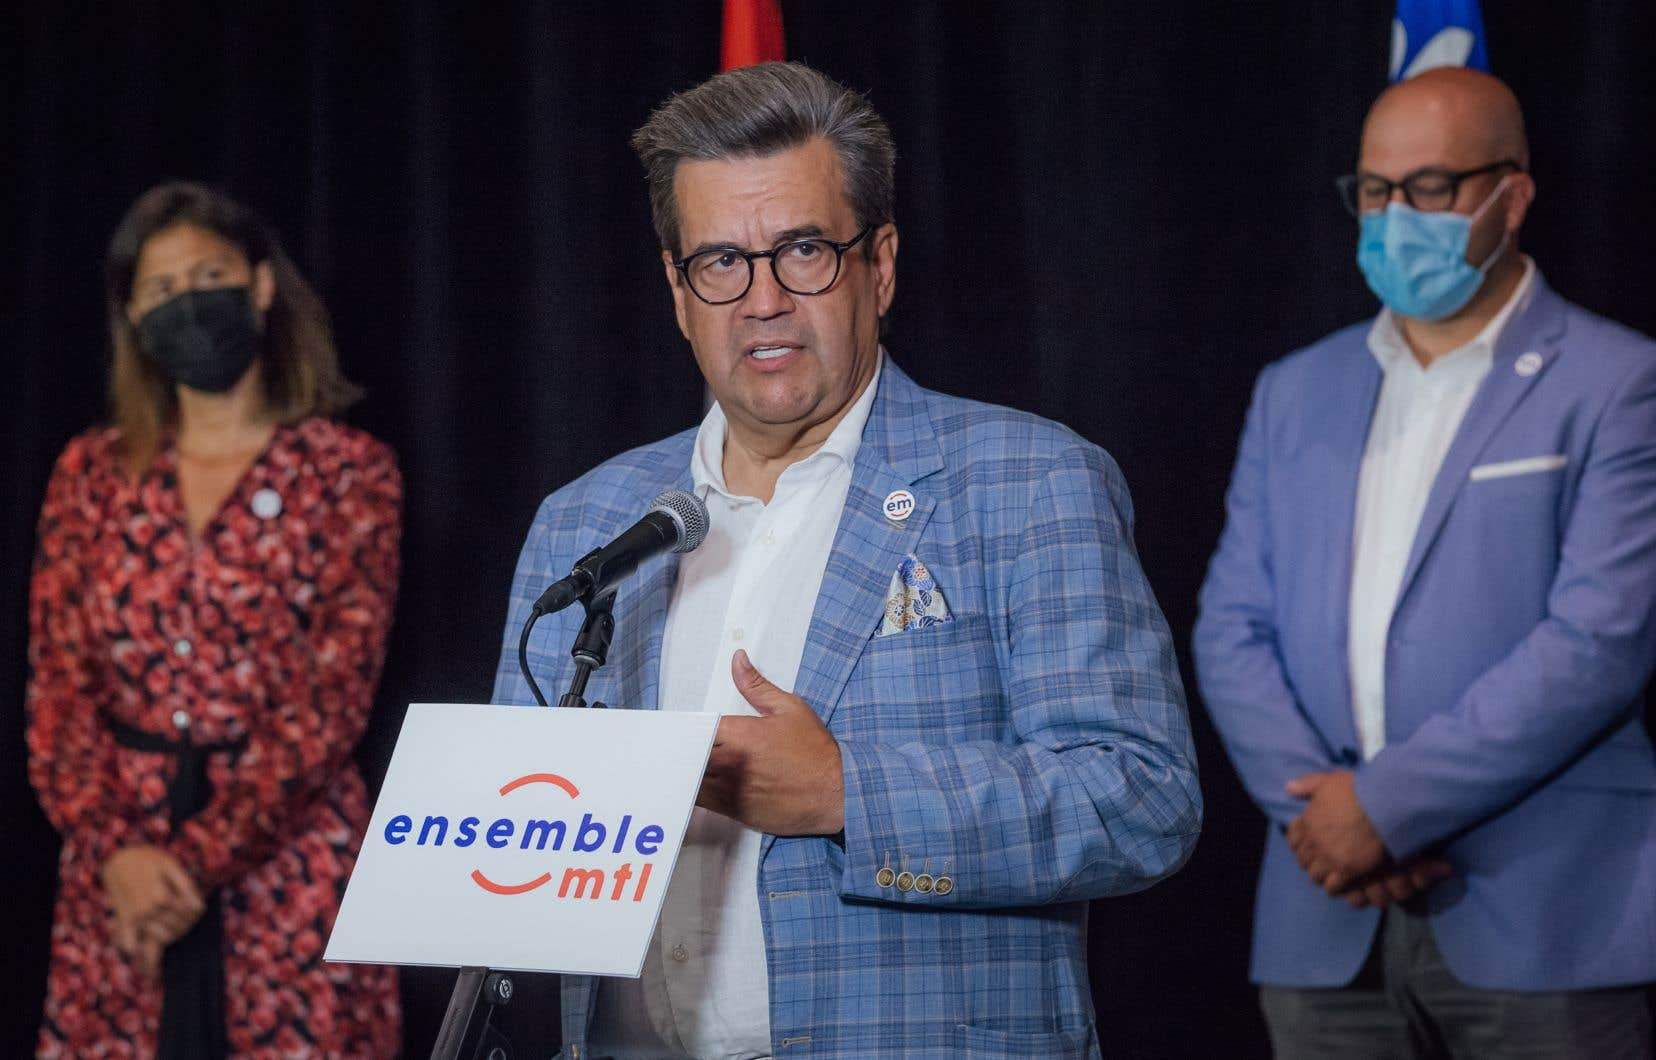 Denis Coderre a affirmé jeudi que tous ses candidats étaient déjà vaccinés, à l'exception de l'un d'entre eux qui n'a pas encore reçu sa deuxième dose pour des raisons médicales.